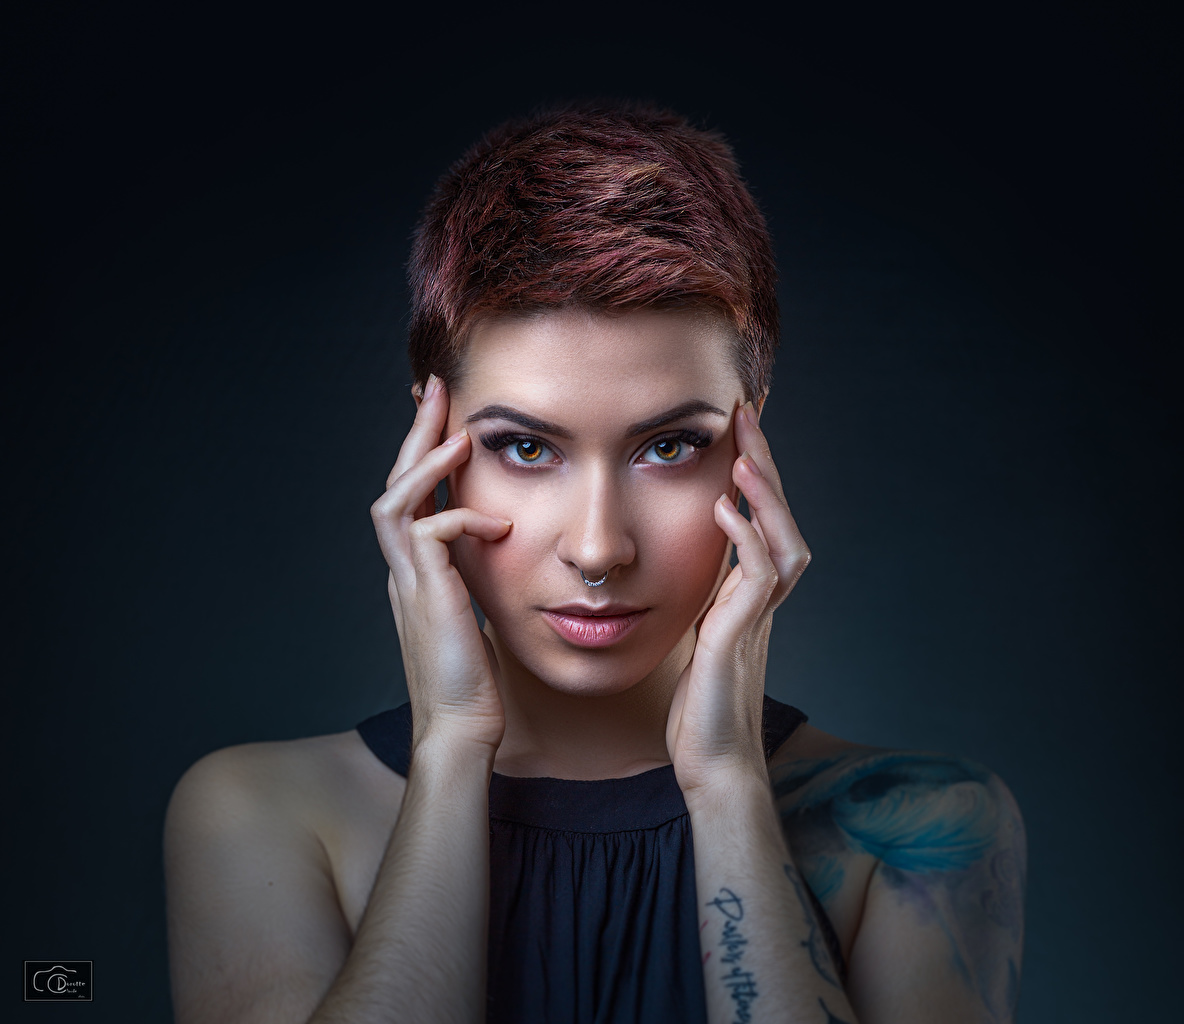 Bilder von Rotschopf Model Piercing Schminke Nase Mädchens Hand Starren Make Up junge frau junge Frauen Blick